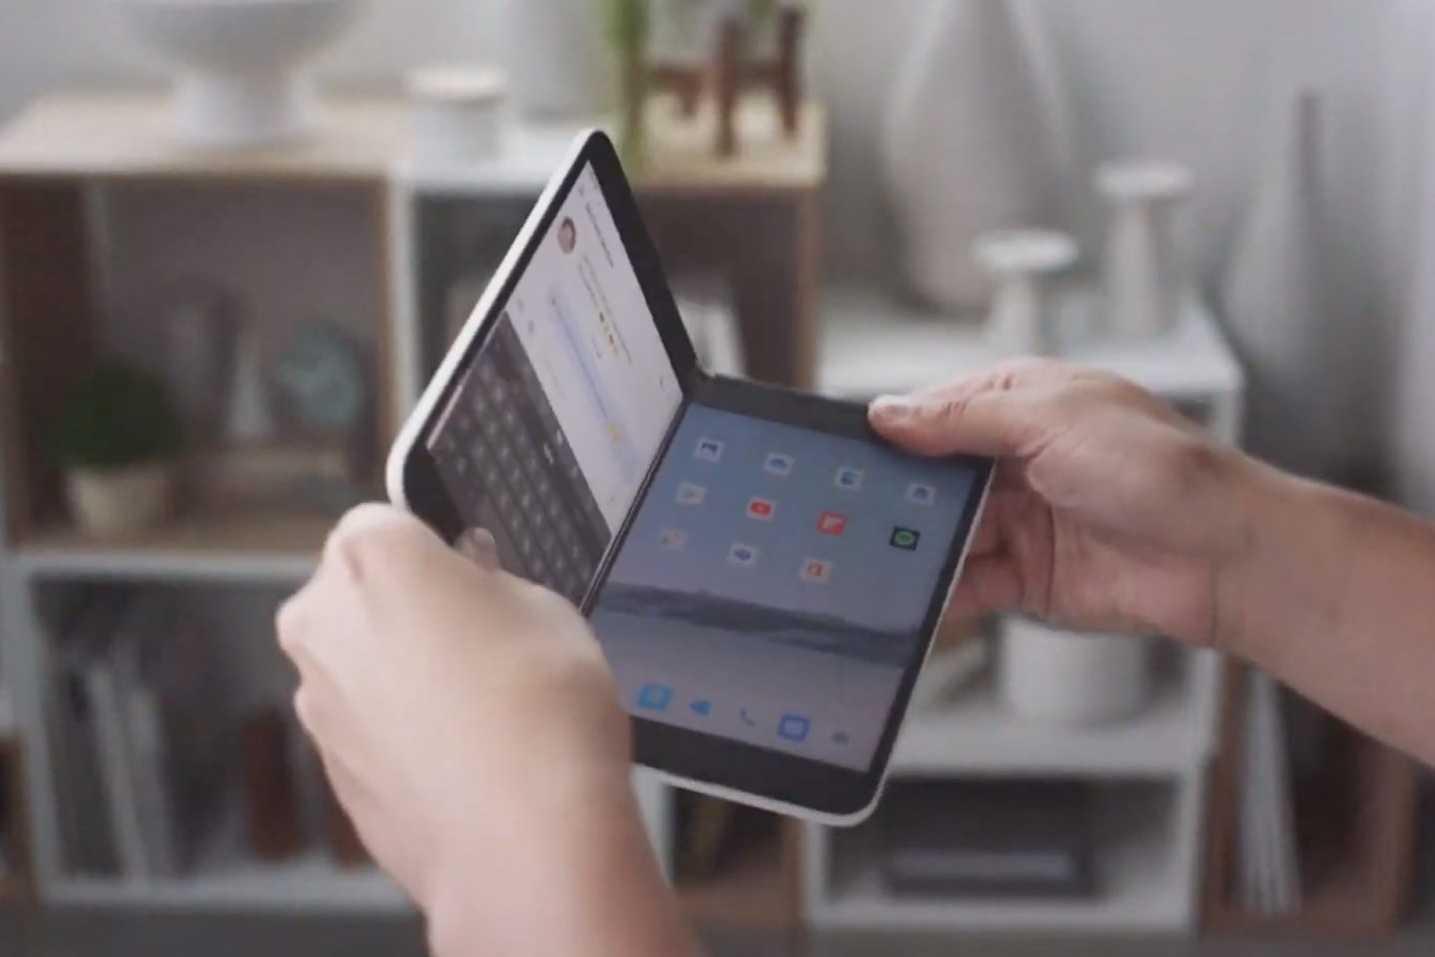 Относительно недавно в продаже появился новый складной смартфон компании Microsoft который получил название Surface Duo В скором времени этот гаджет решил проверить на